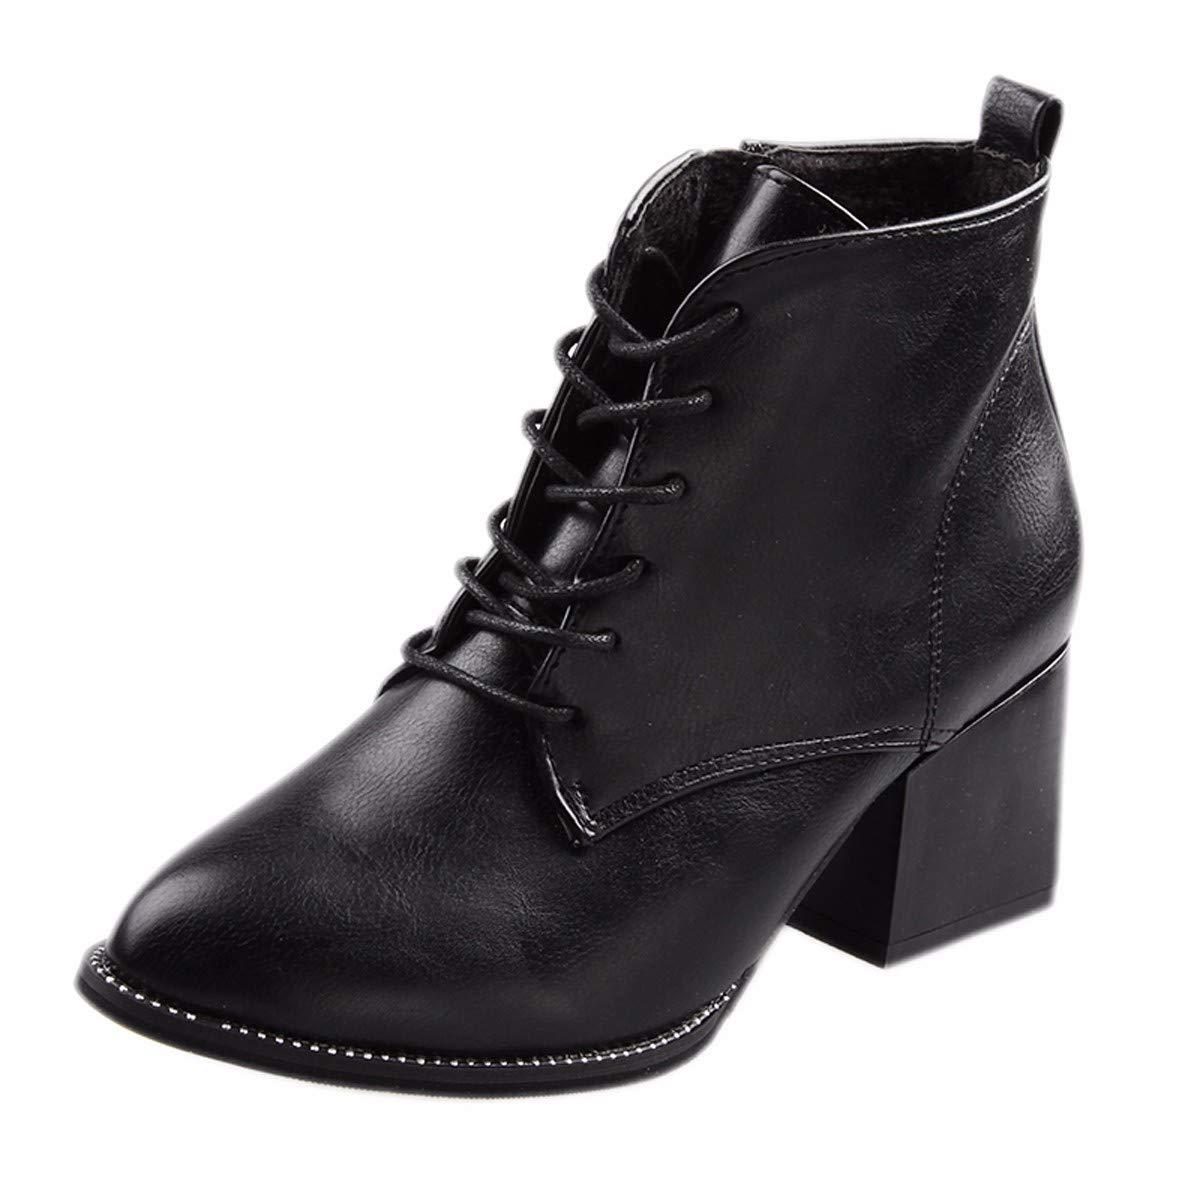 LBTSQ-Mode/Damenschuhe/Martin Stiefel Mit Hohen 6 cm Wild Studenten Heels Schnürsenkel Kurze Röhren Dünne Stiefel.